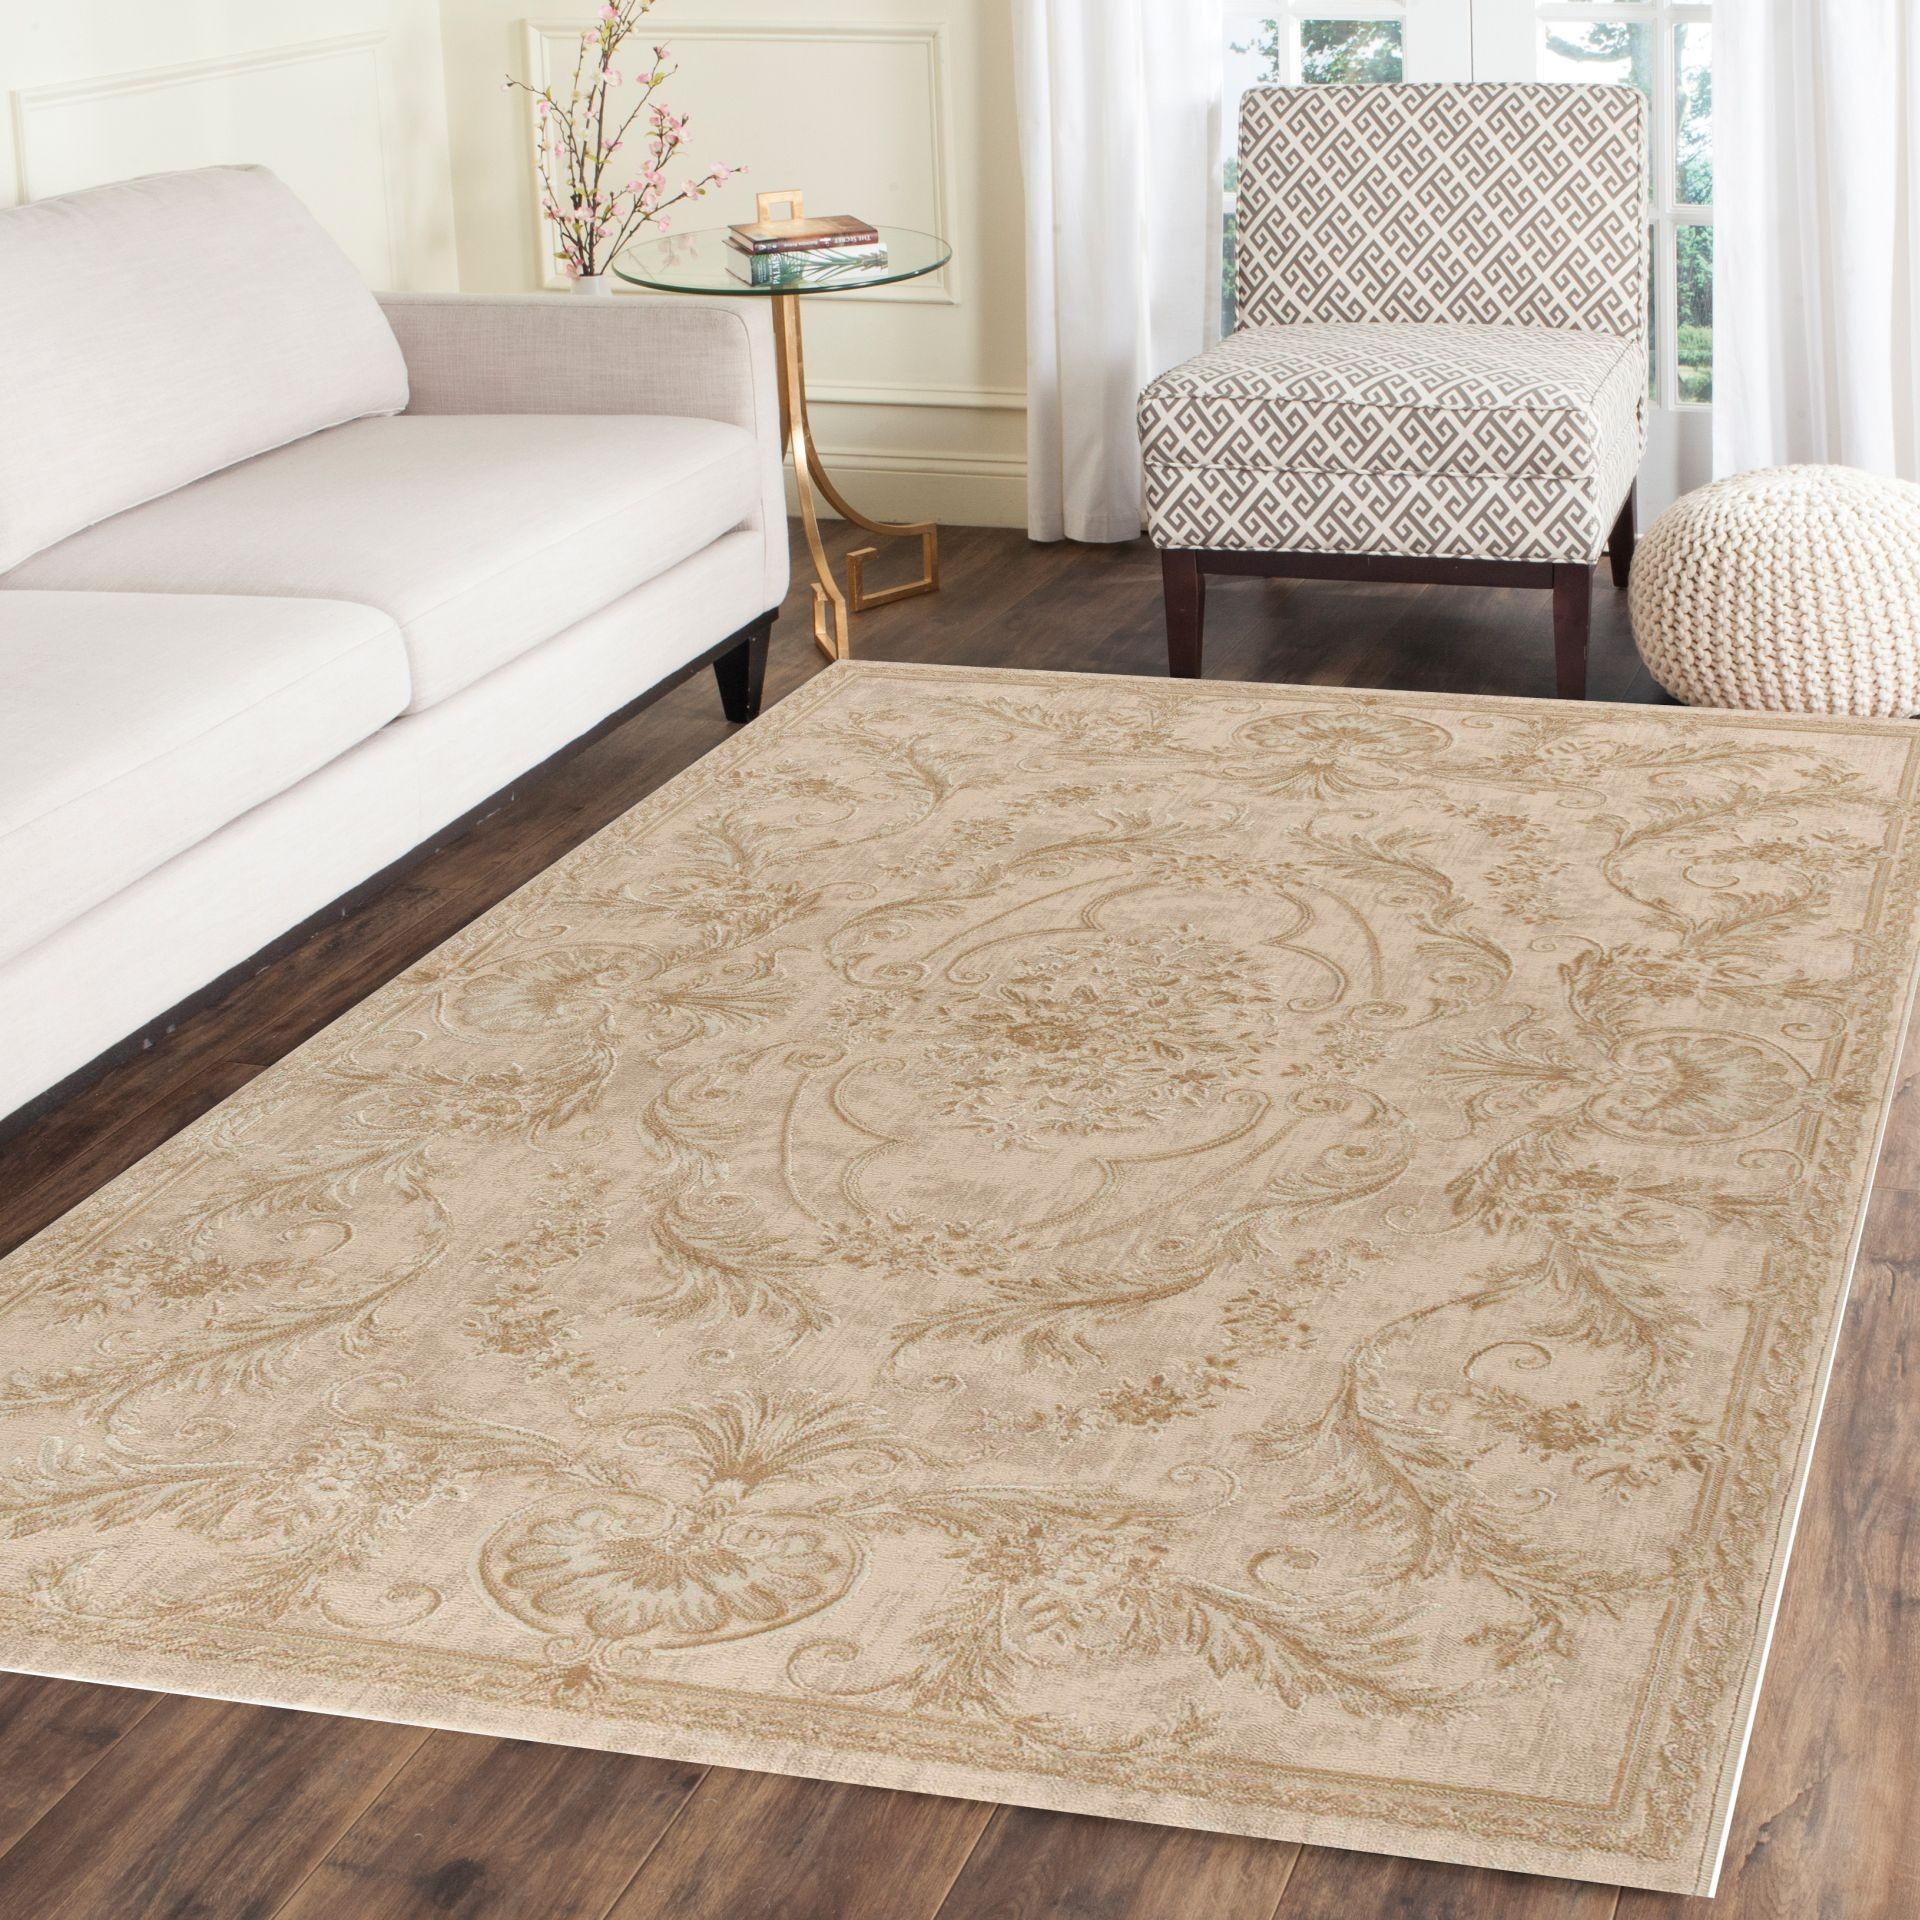 Full Size of Wohnzimmer Teppich Wolle Wohnzimmer Teppich Auf Rechnung Teppich Für Wohnzimmer Kompletten Raum Wohnzimmer Teppich 160x160 Wohnzimmer Wohnzimmer Teppich